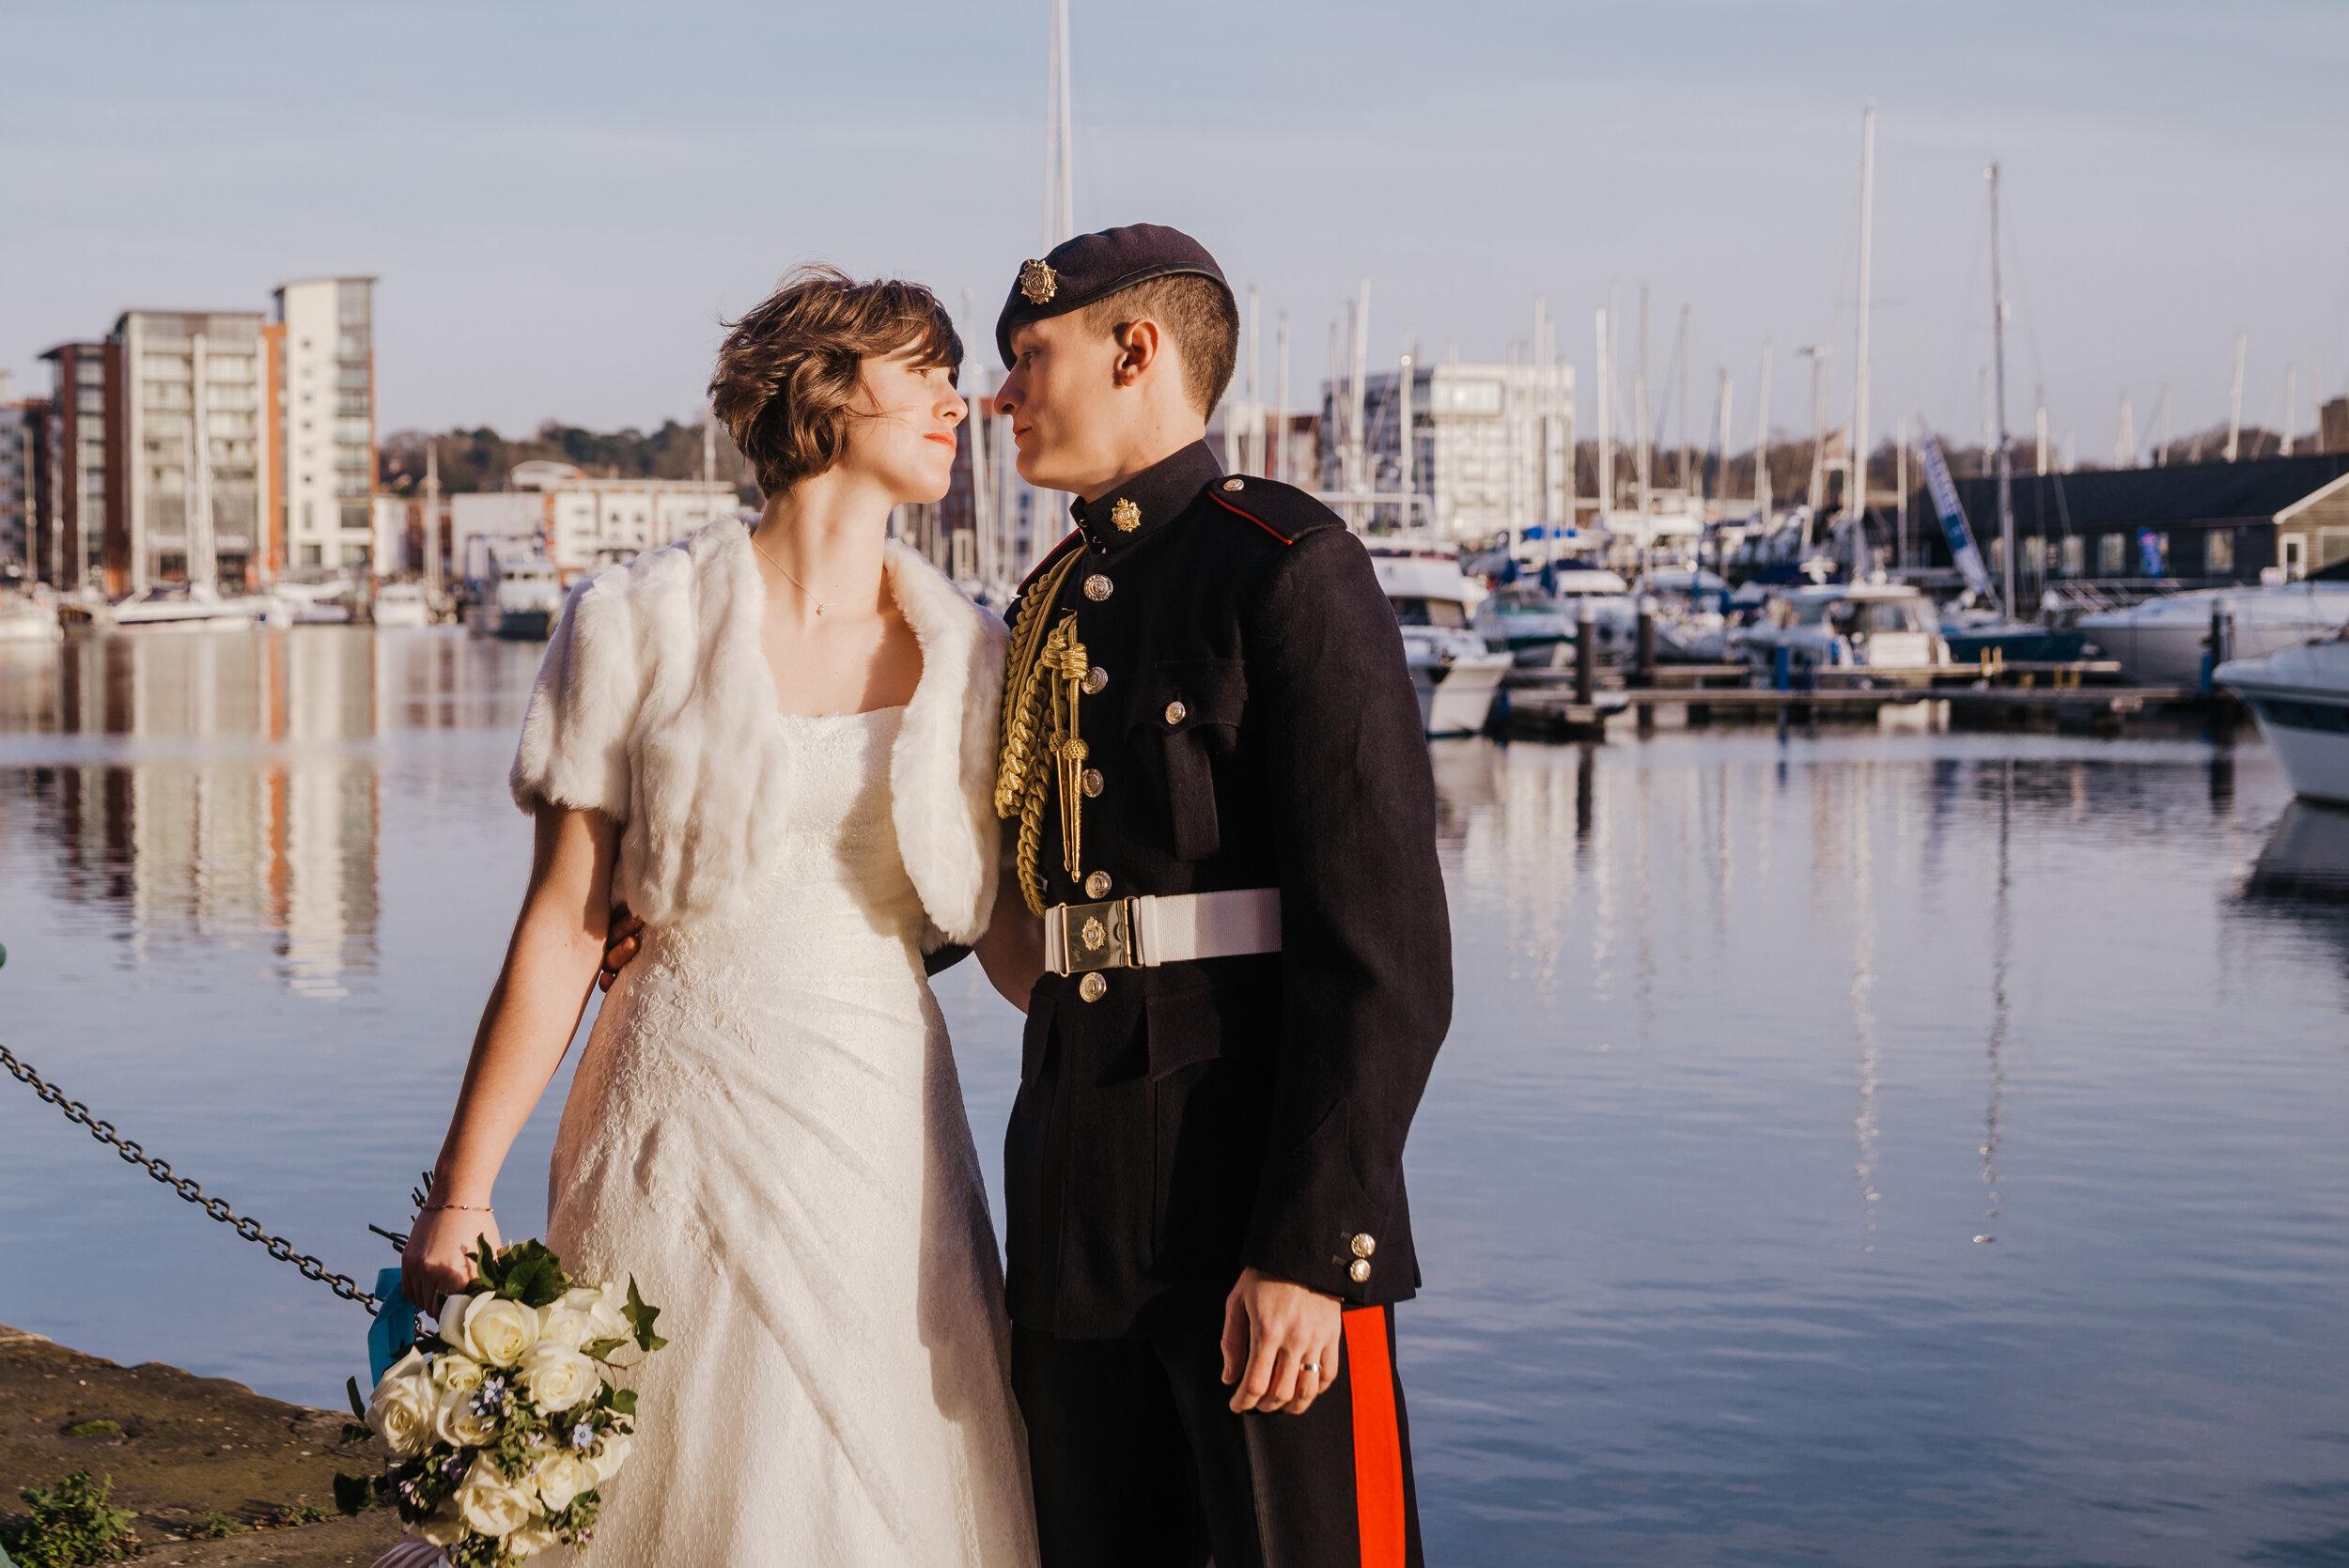 SUFFOLK_WEDDING_PHOTOGRAPHY_ISAACS_WEDDING_VENUE_WEDDINGPHOTOGRAPHERNEARME_iPSWICHWEDDINGPHOTOGRAPHER (61).jpg